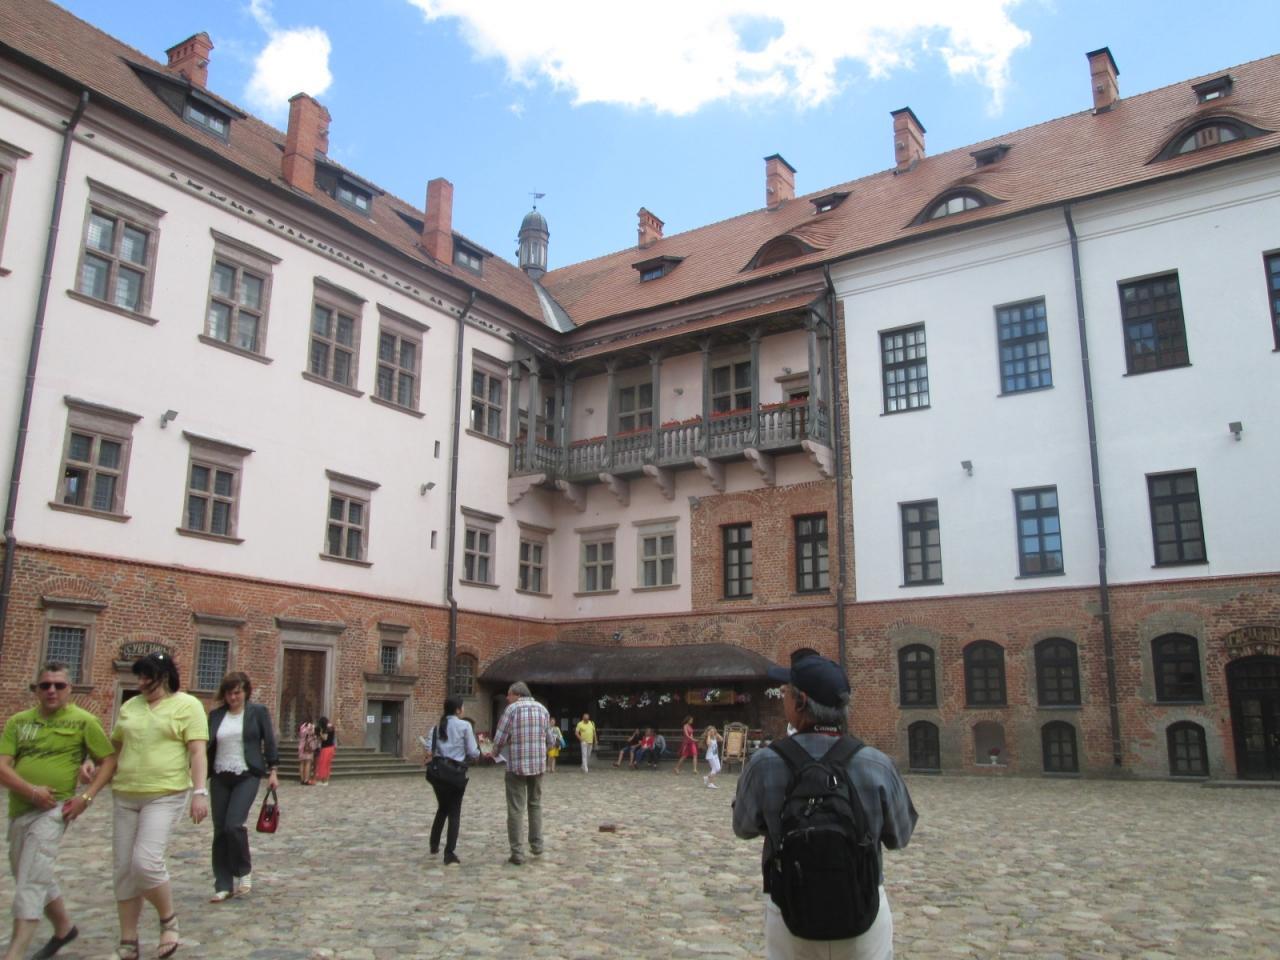 ネスヴィジ城の画像 p1_25